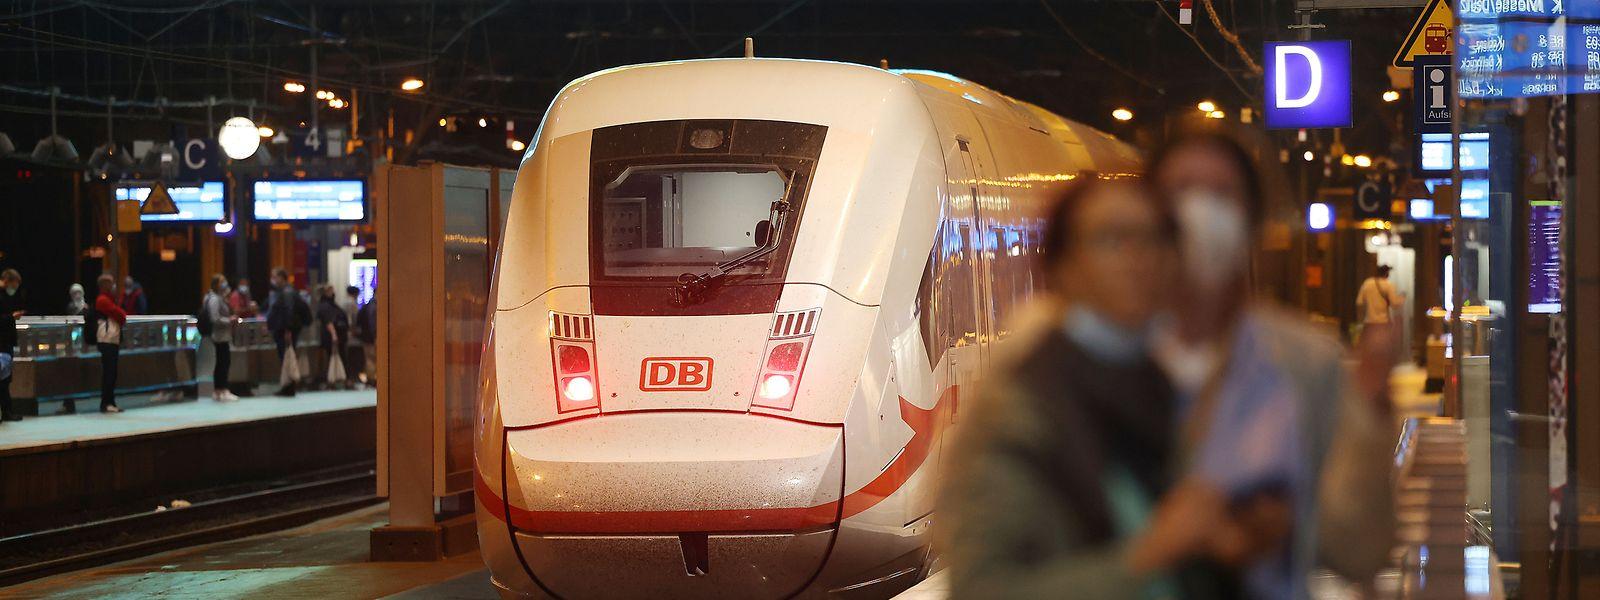 Auf dem deutschen Schienennetz dürfte es keine weiteren Streiks mehr geben.